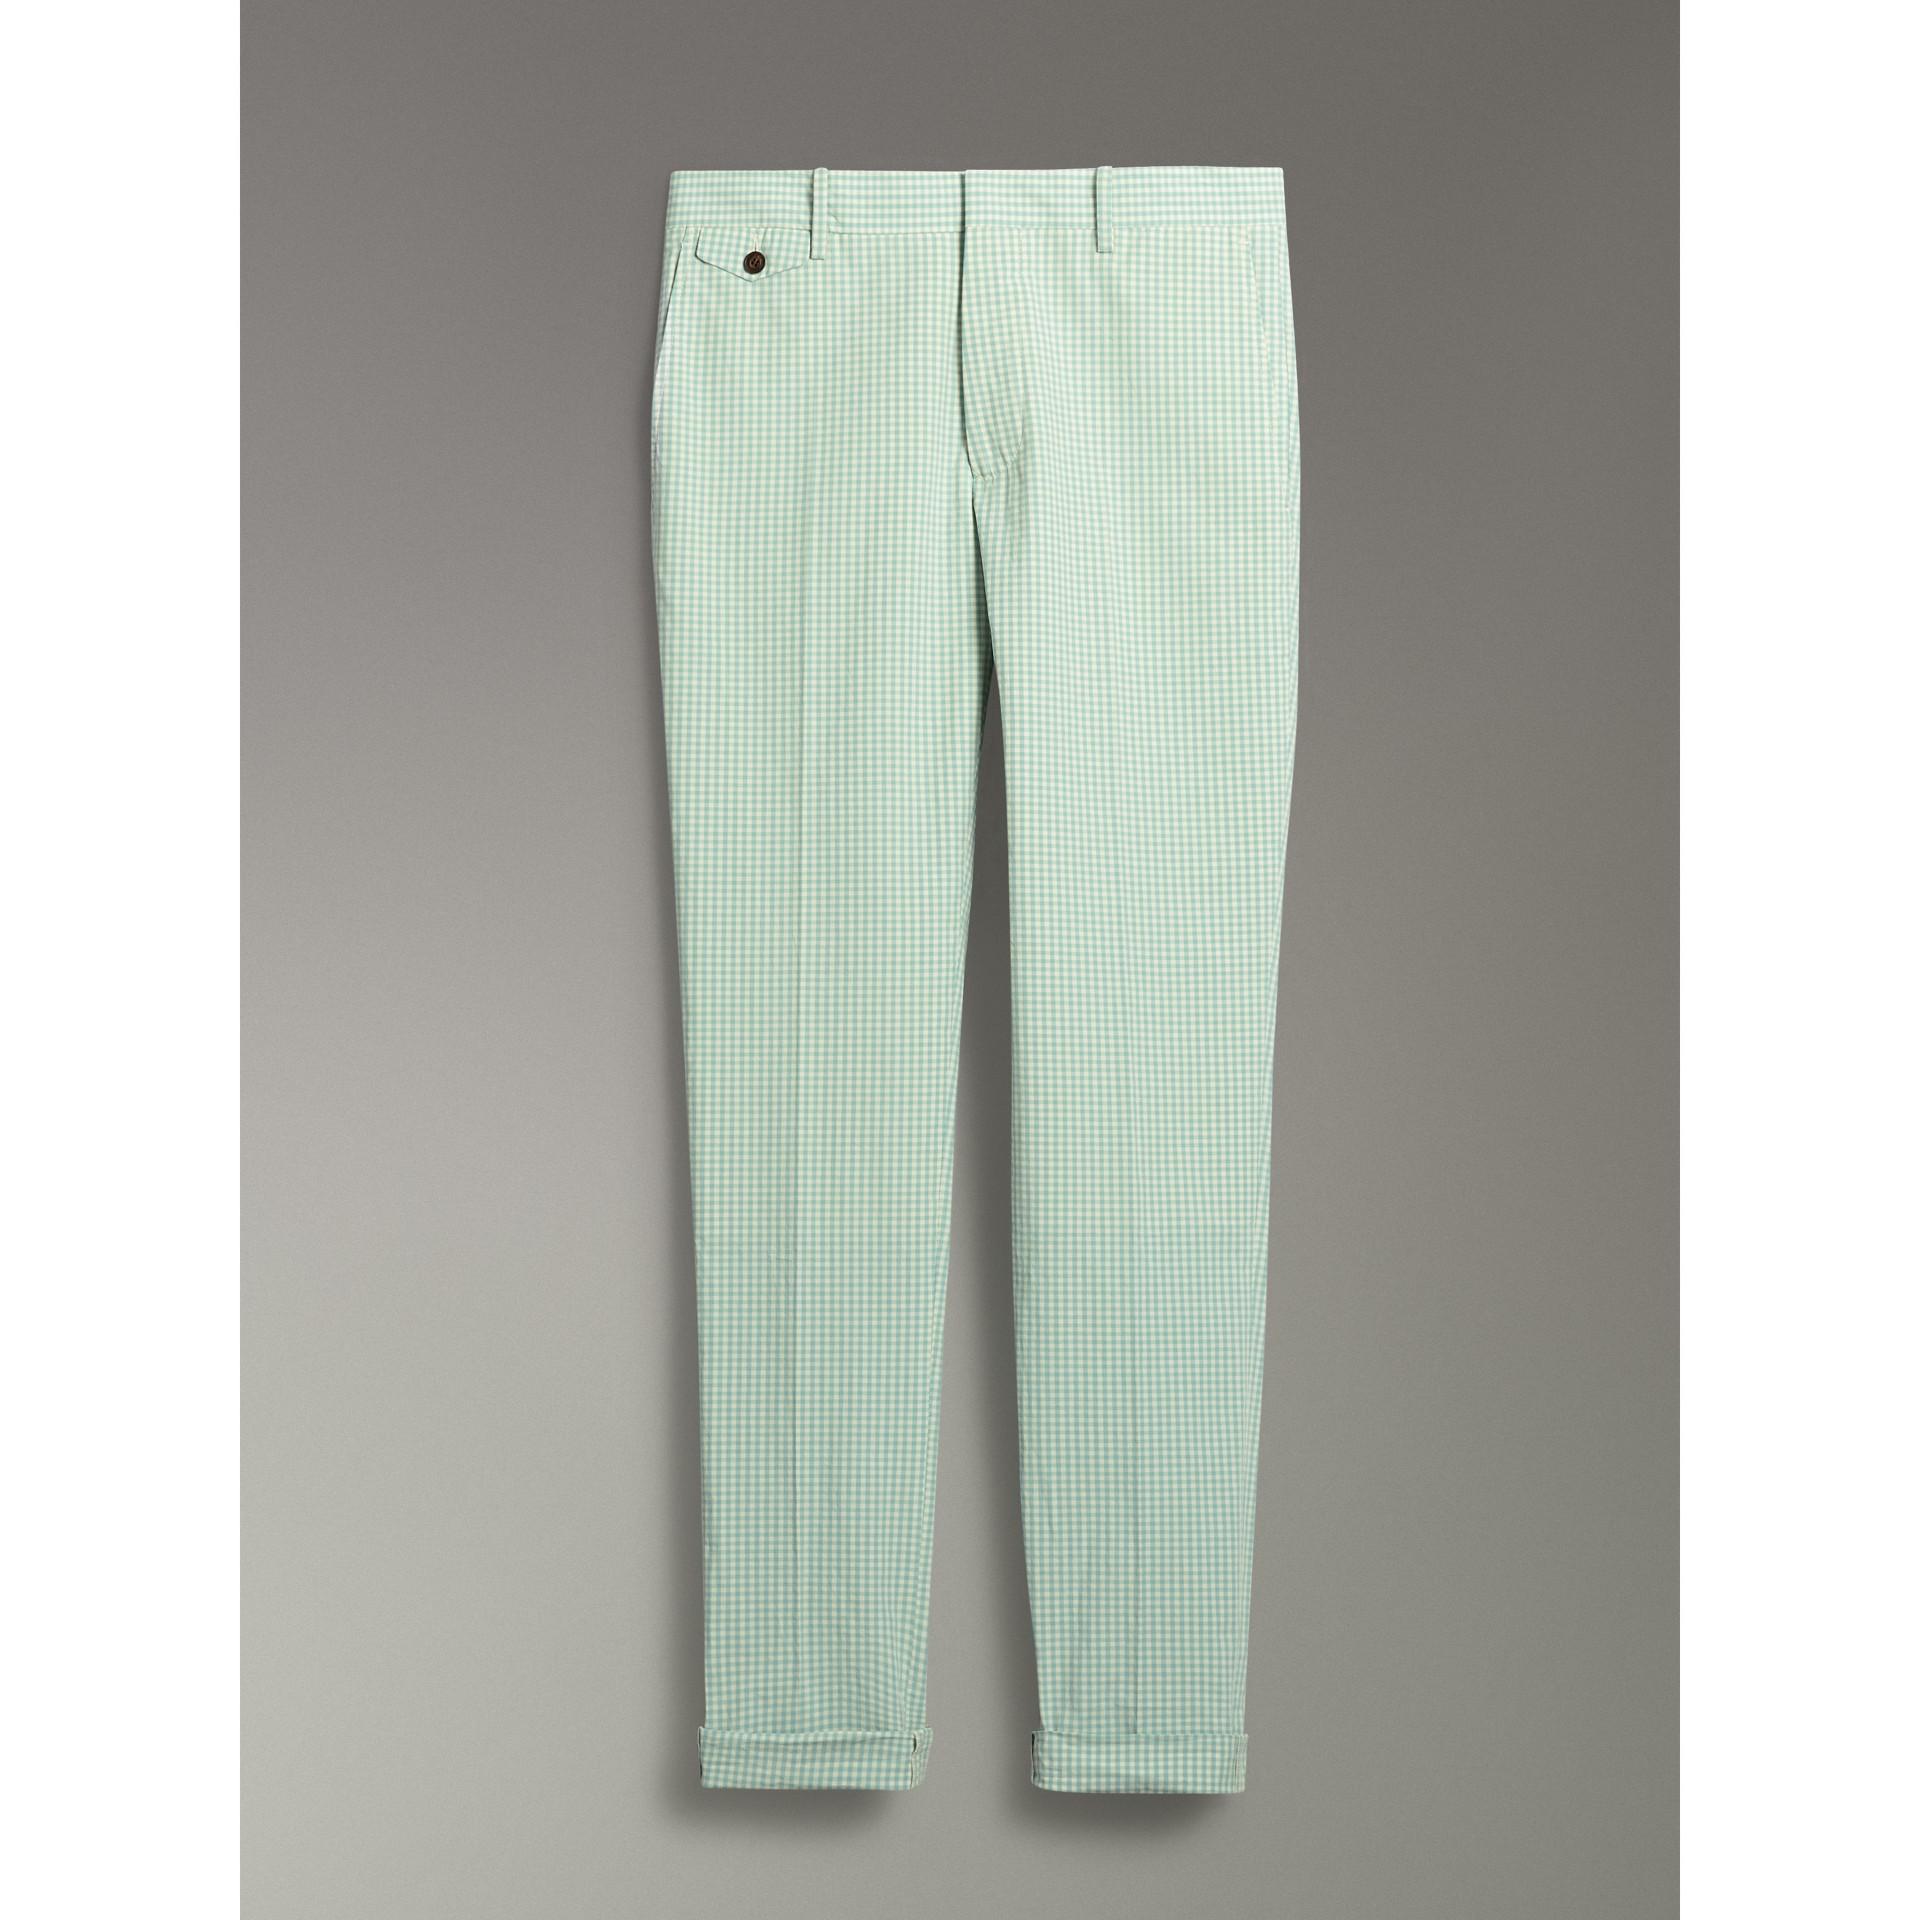 Pantalon ajusté en coton à motif vichy (Opale Pâle) - Homme | Burberry - photo de la galerie 3